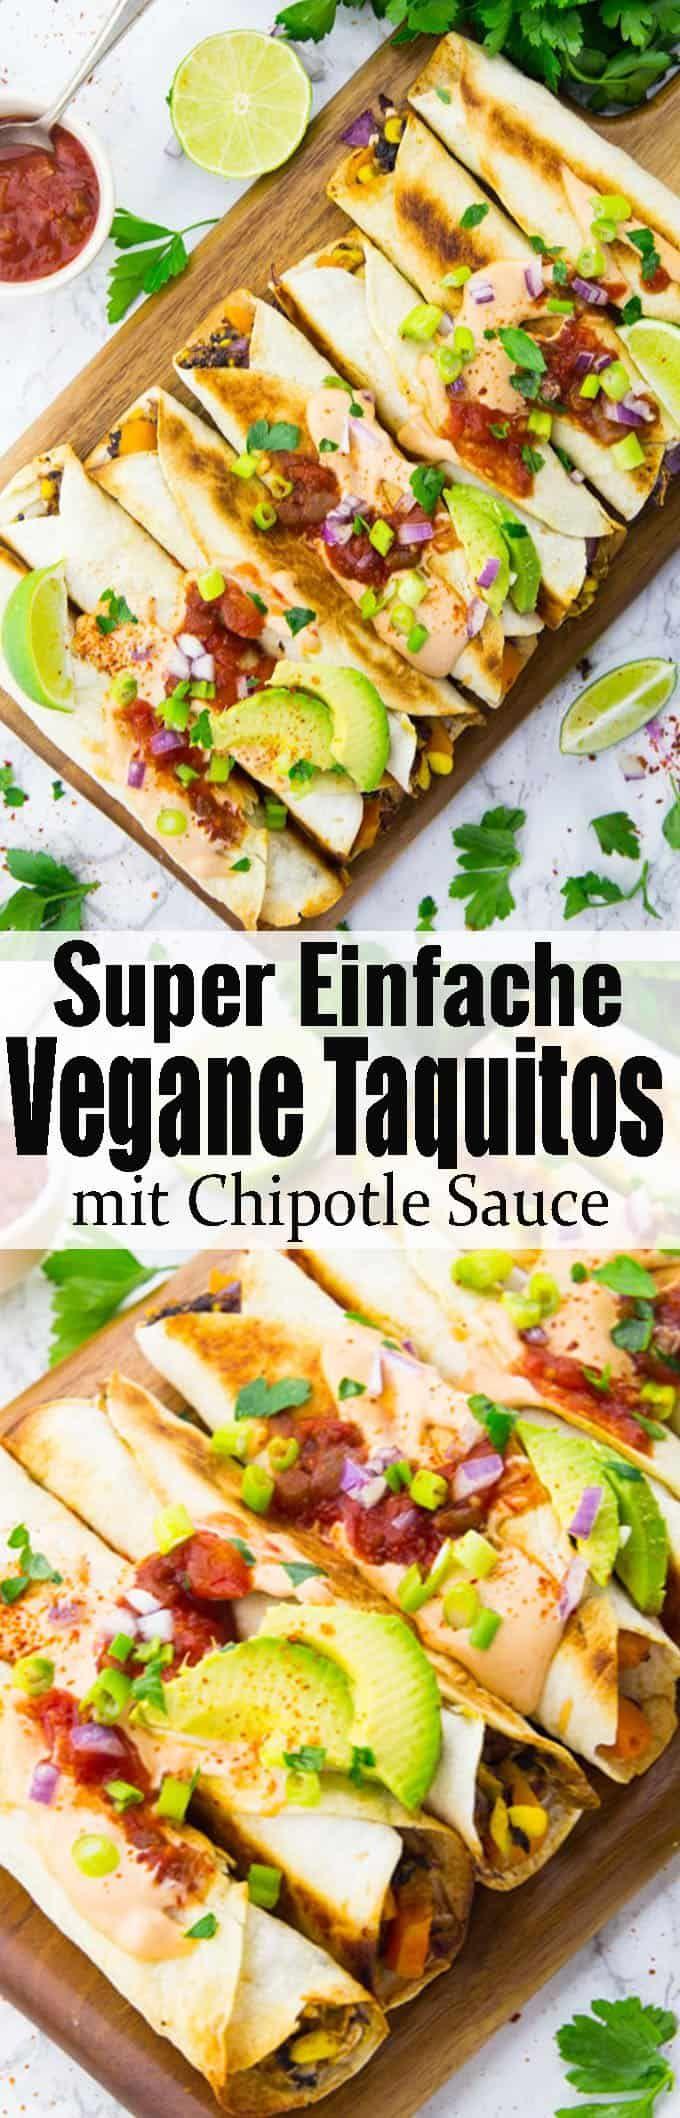 Taquitos mit Chipotle Sauce #vegetariandish